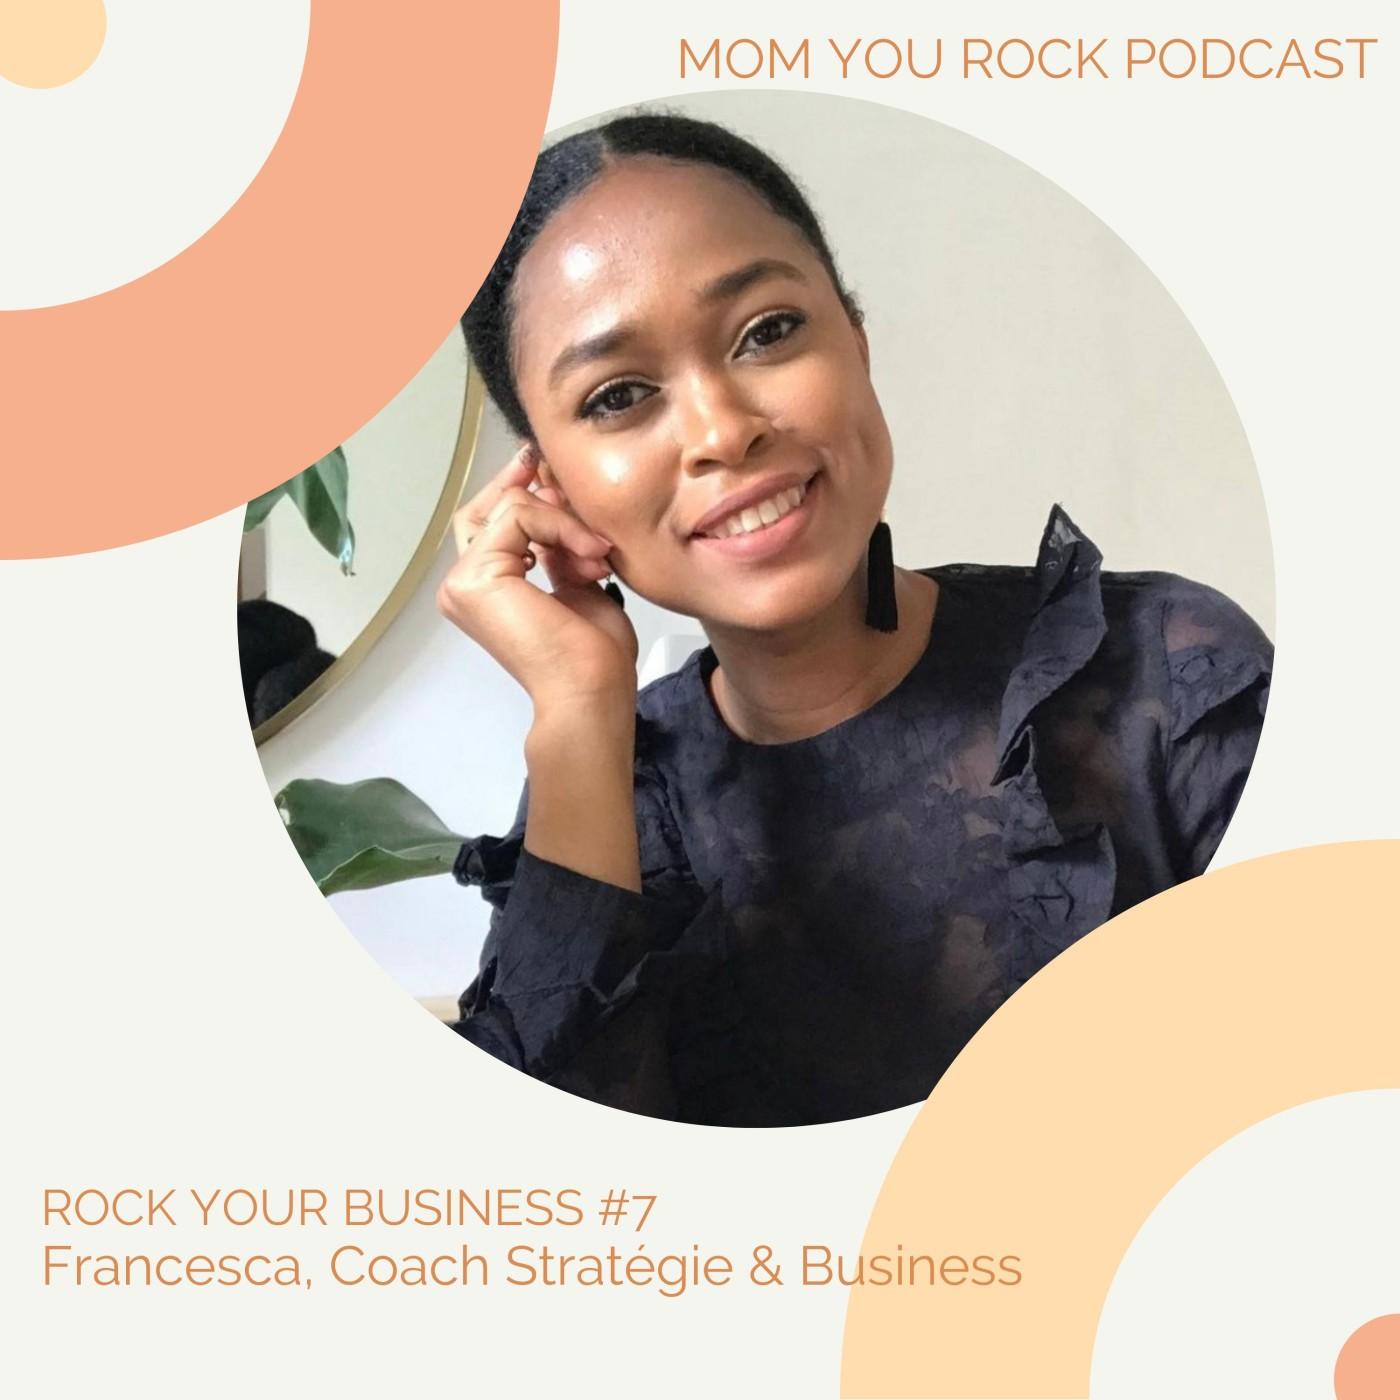 ROCK YOUR BUSINESS #7 avec Francesca, Consultante en Stratégie & Business